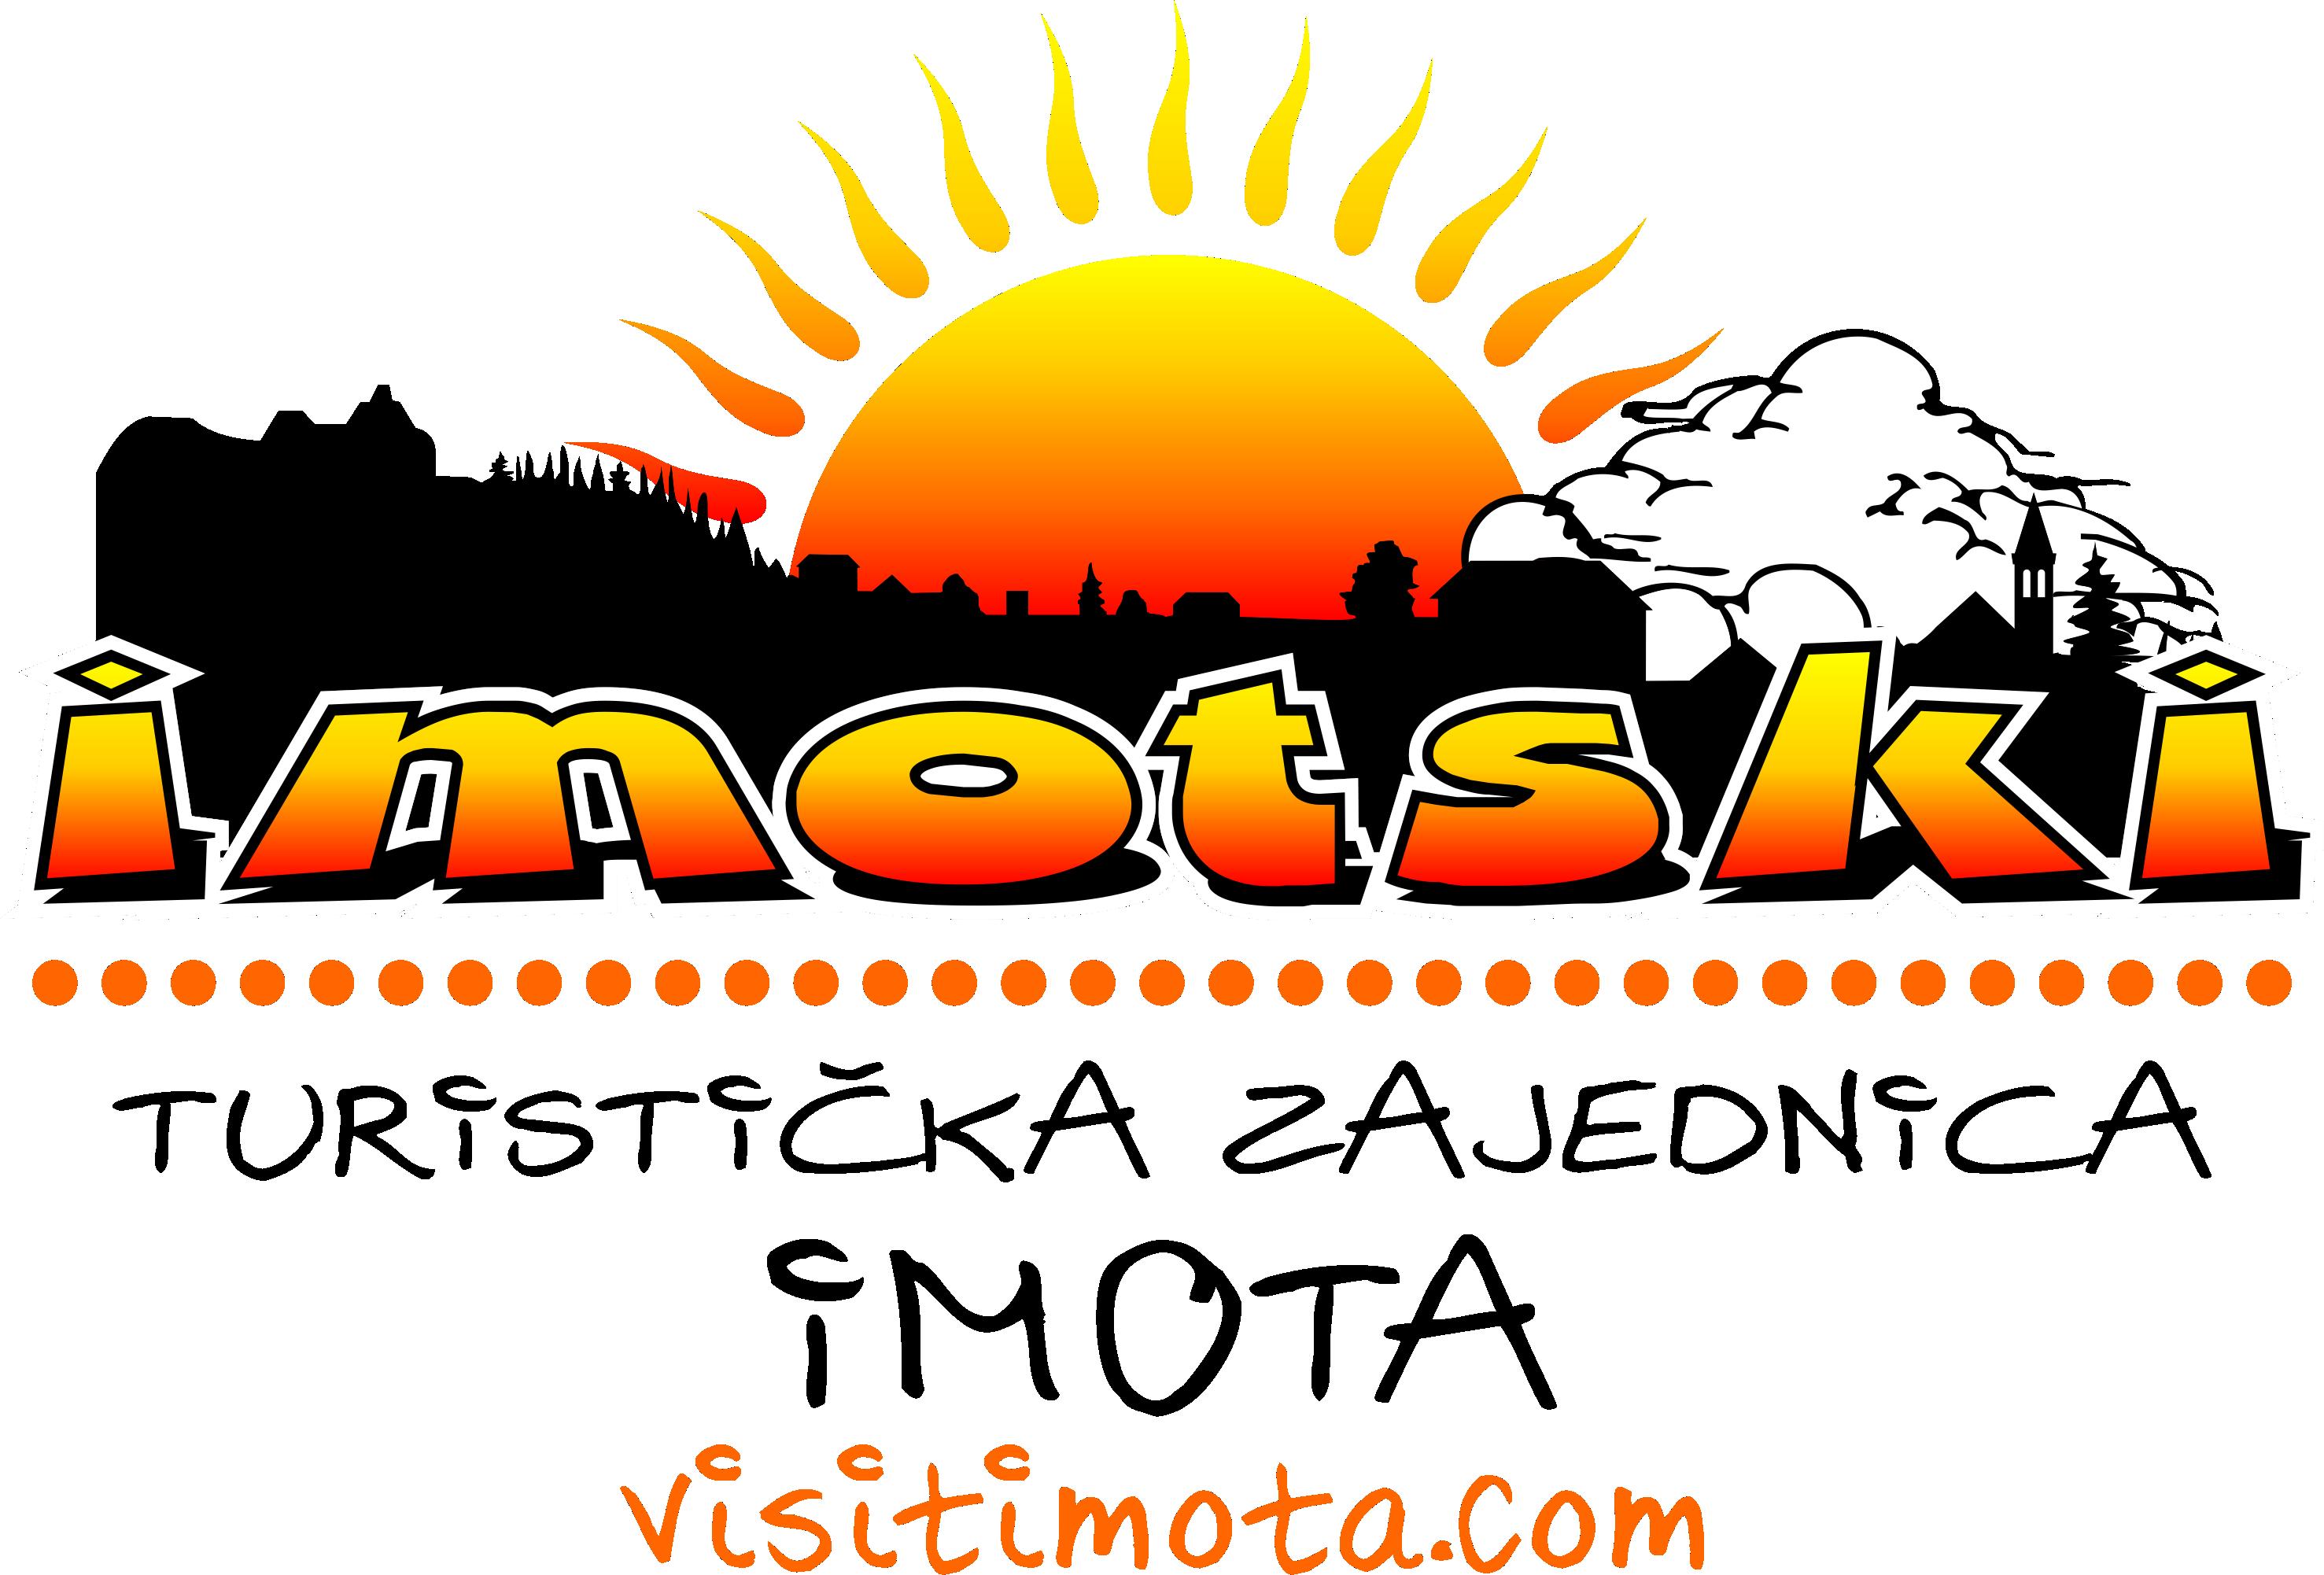 Turistička Zajednica Imota